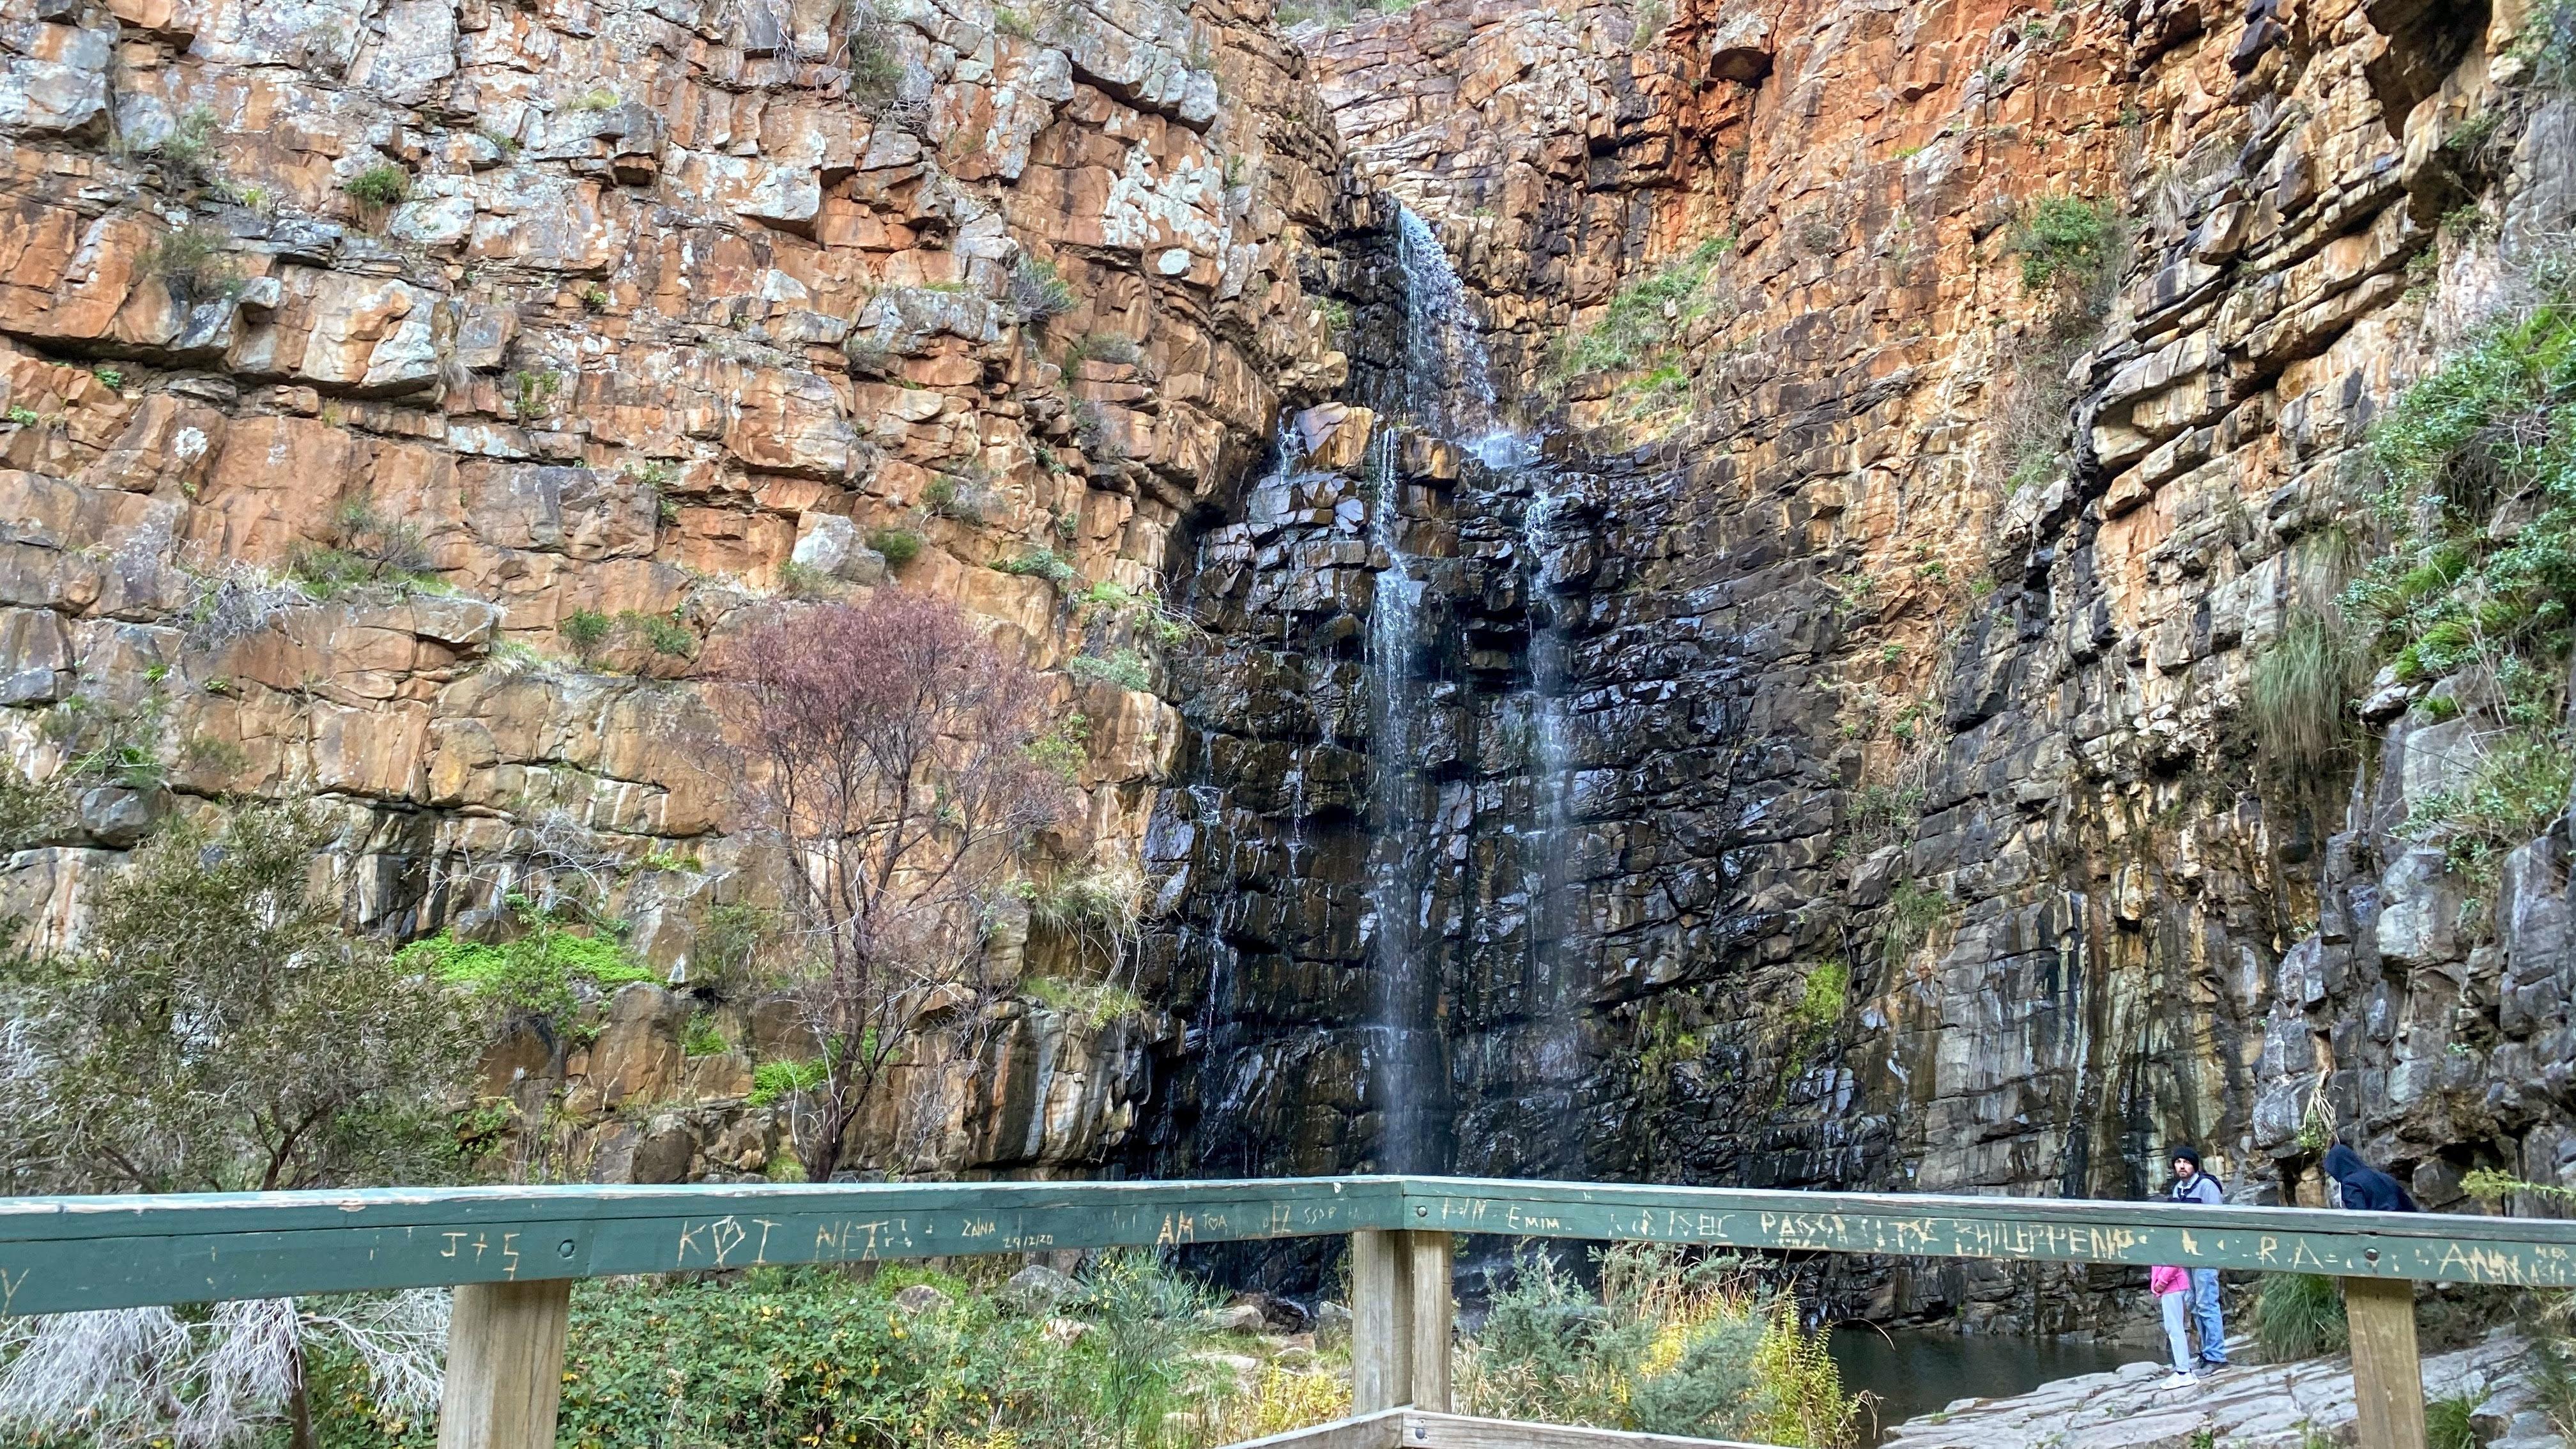 Morialta falls in Moriallta conservation park